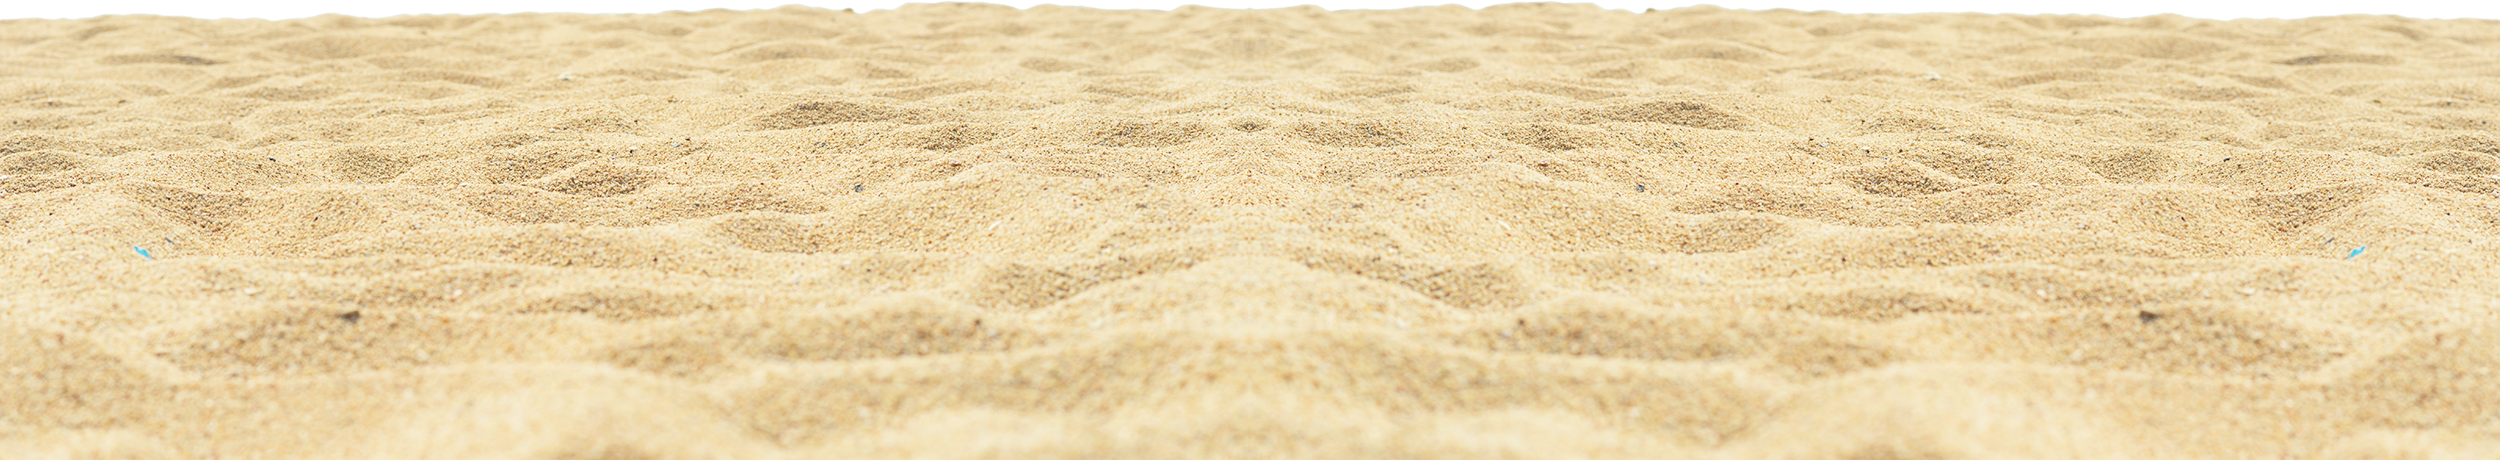 Hi-Res-Sand-2.png